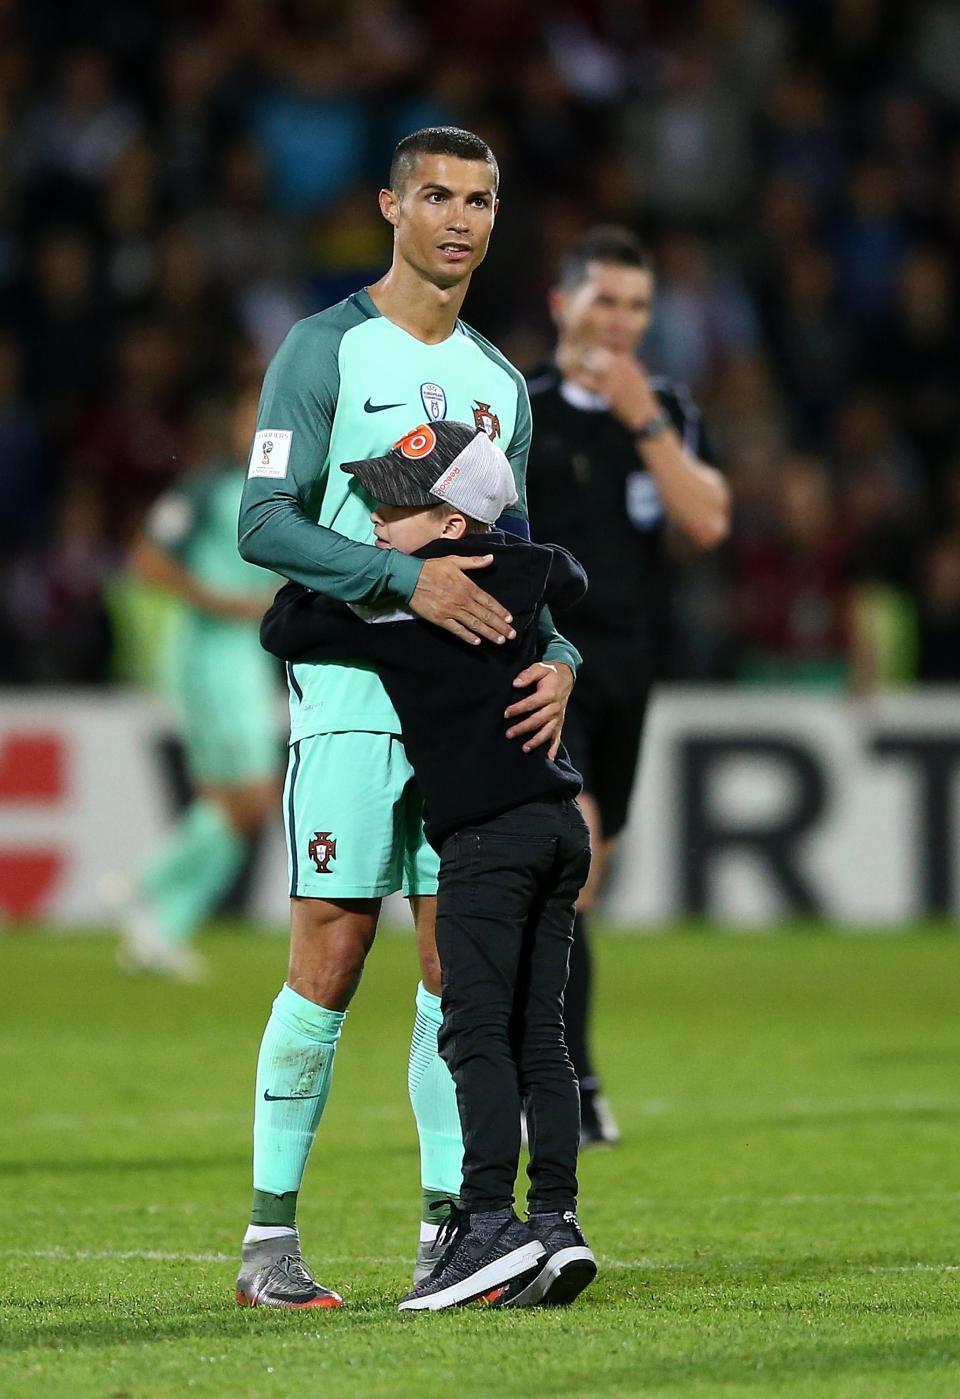 16 câu chuyện tuyệt vời khiến bạn phải có cái nhìn khác về Cristiano Ronaldo - Ảnh 10.